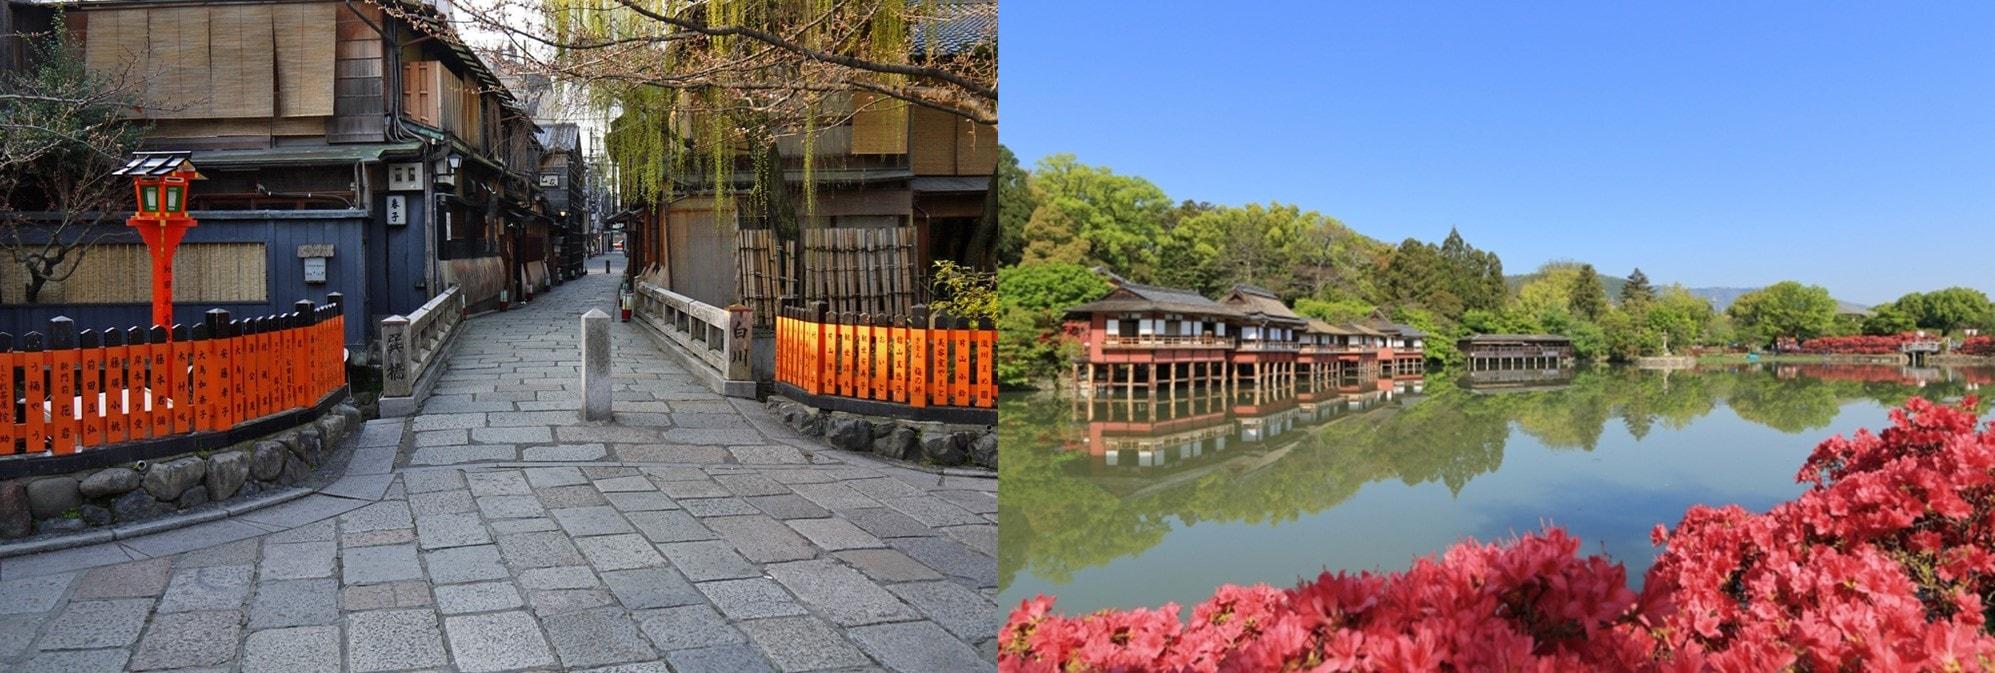 京都祇園・長岡京錦水亭画像-京都鳳焼売